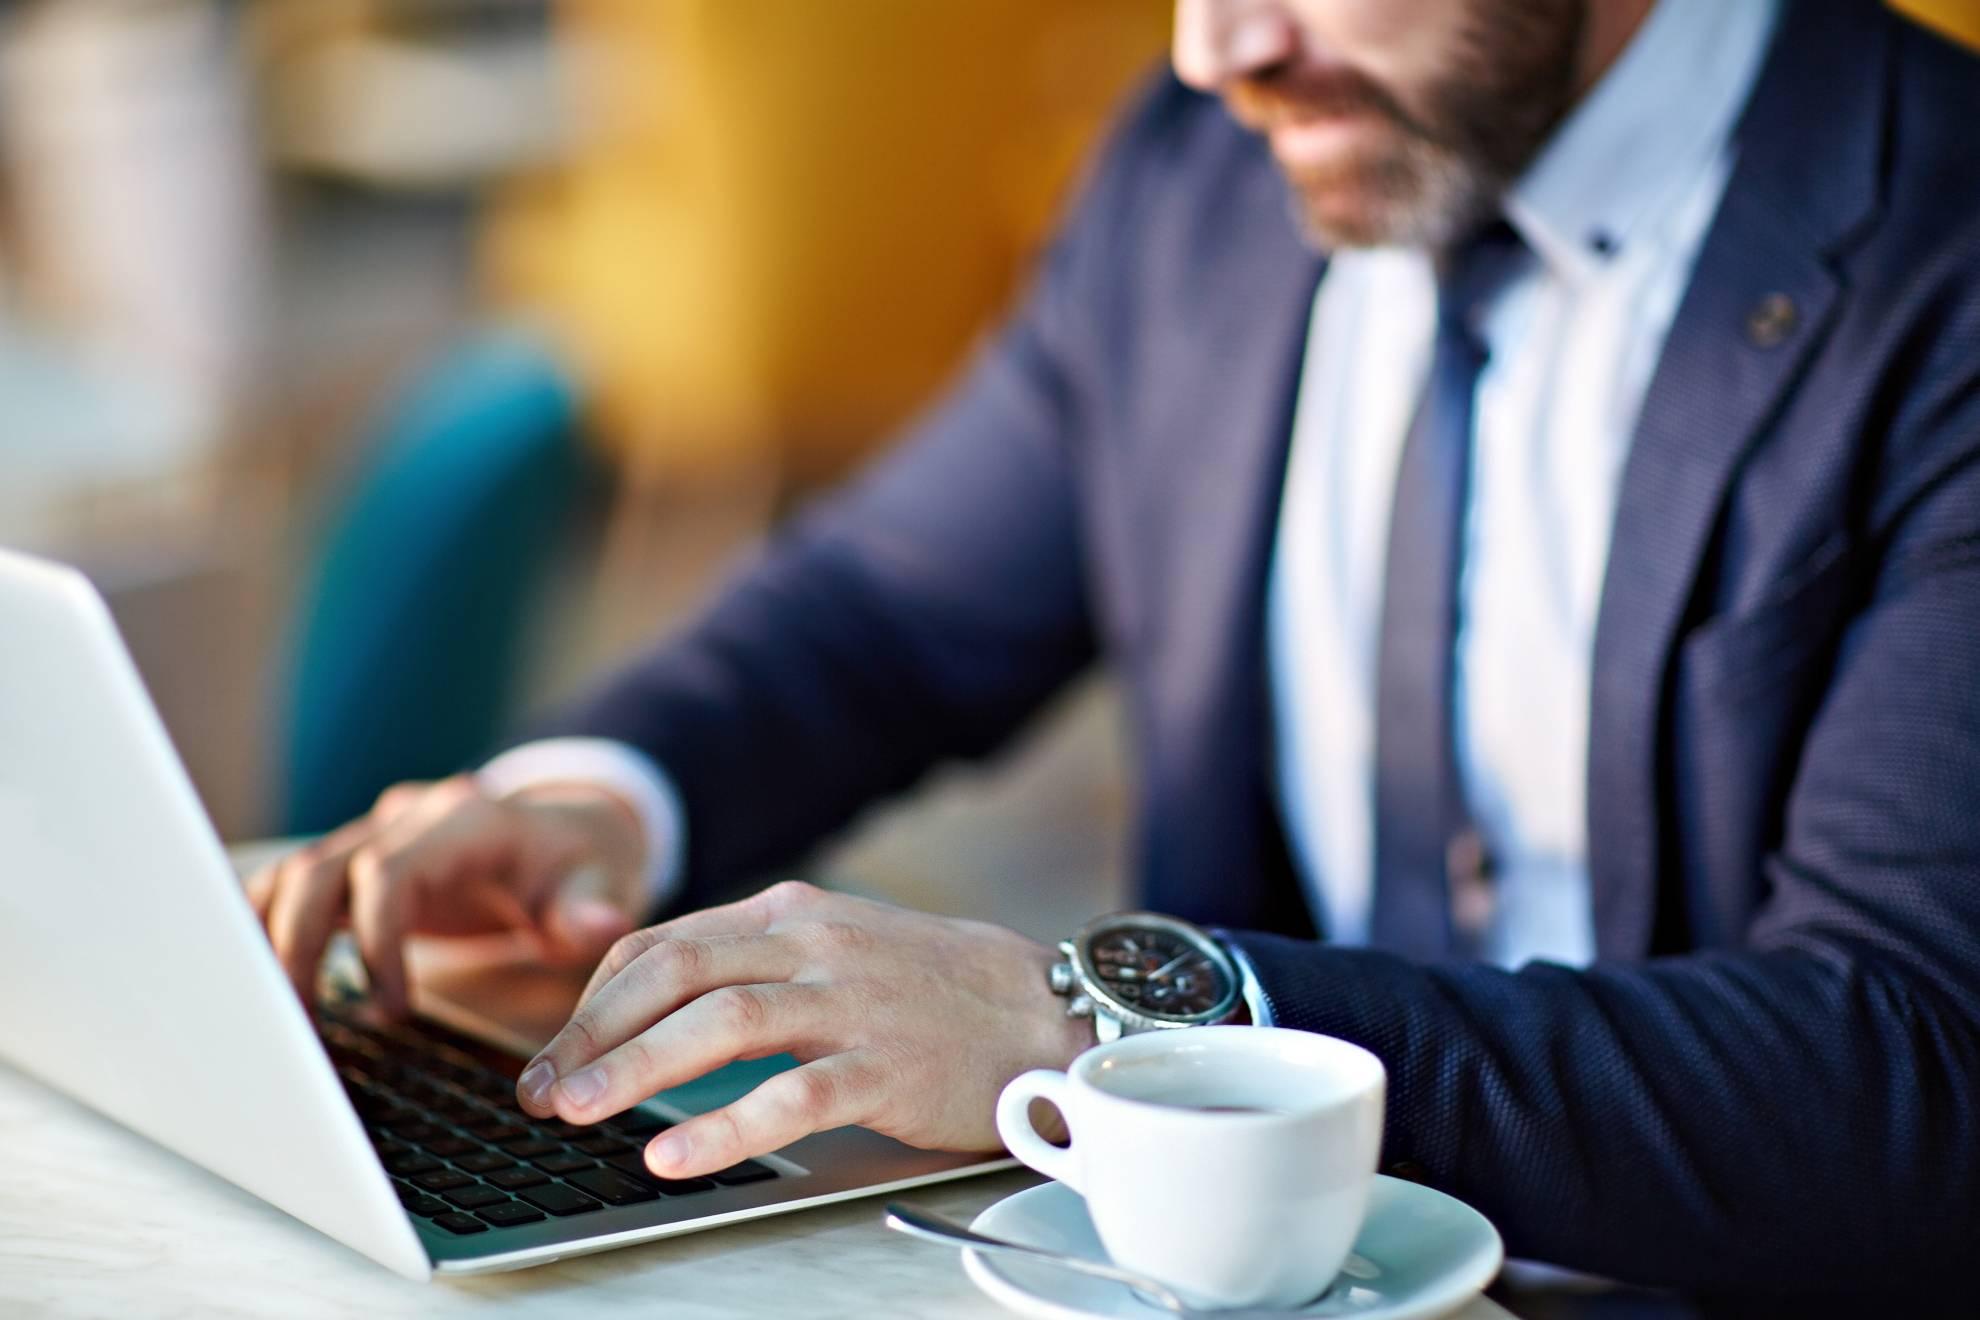 businessman-at-work-PL7VZED (1)